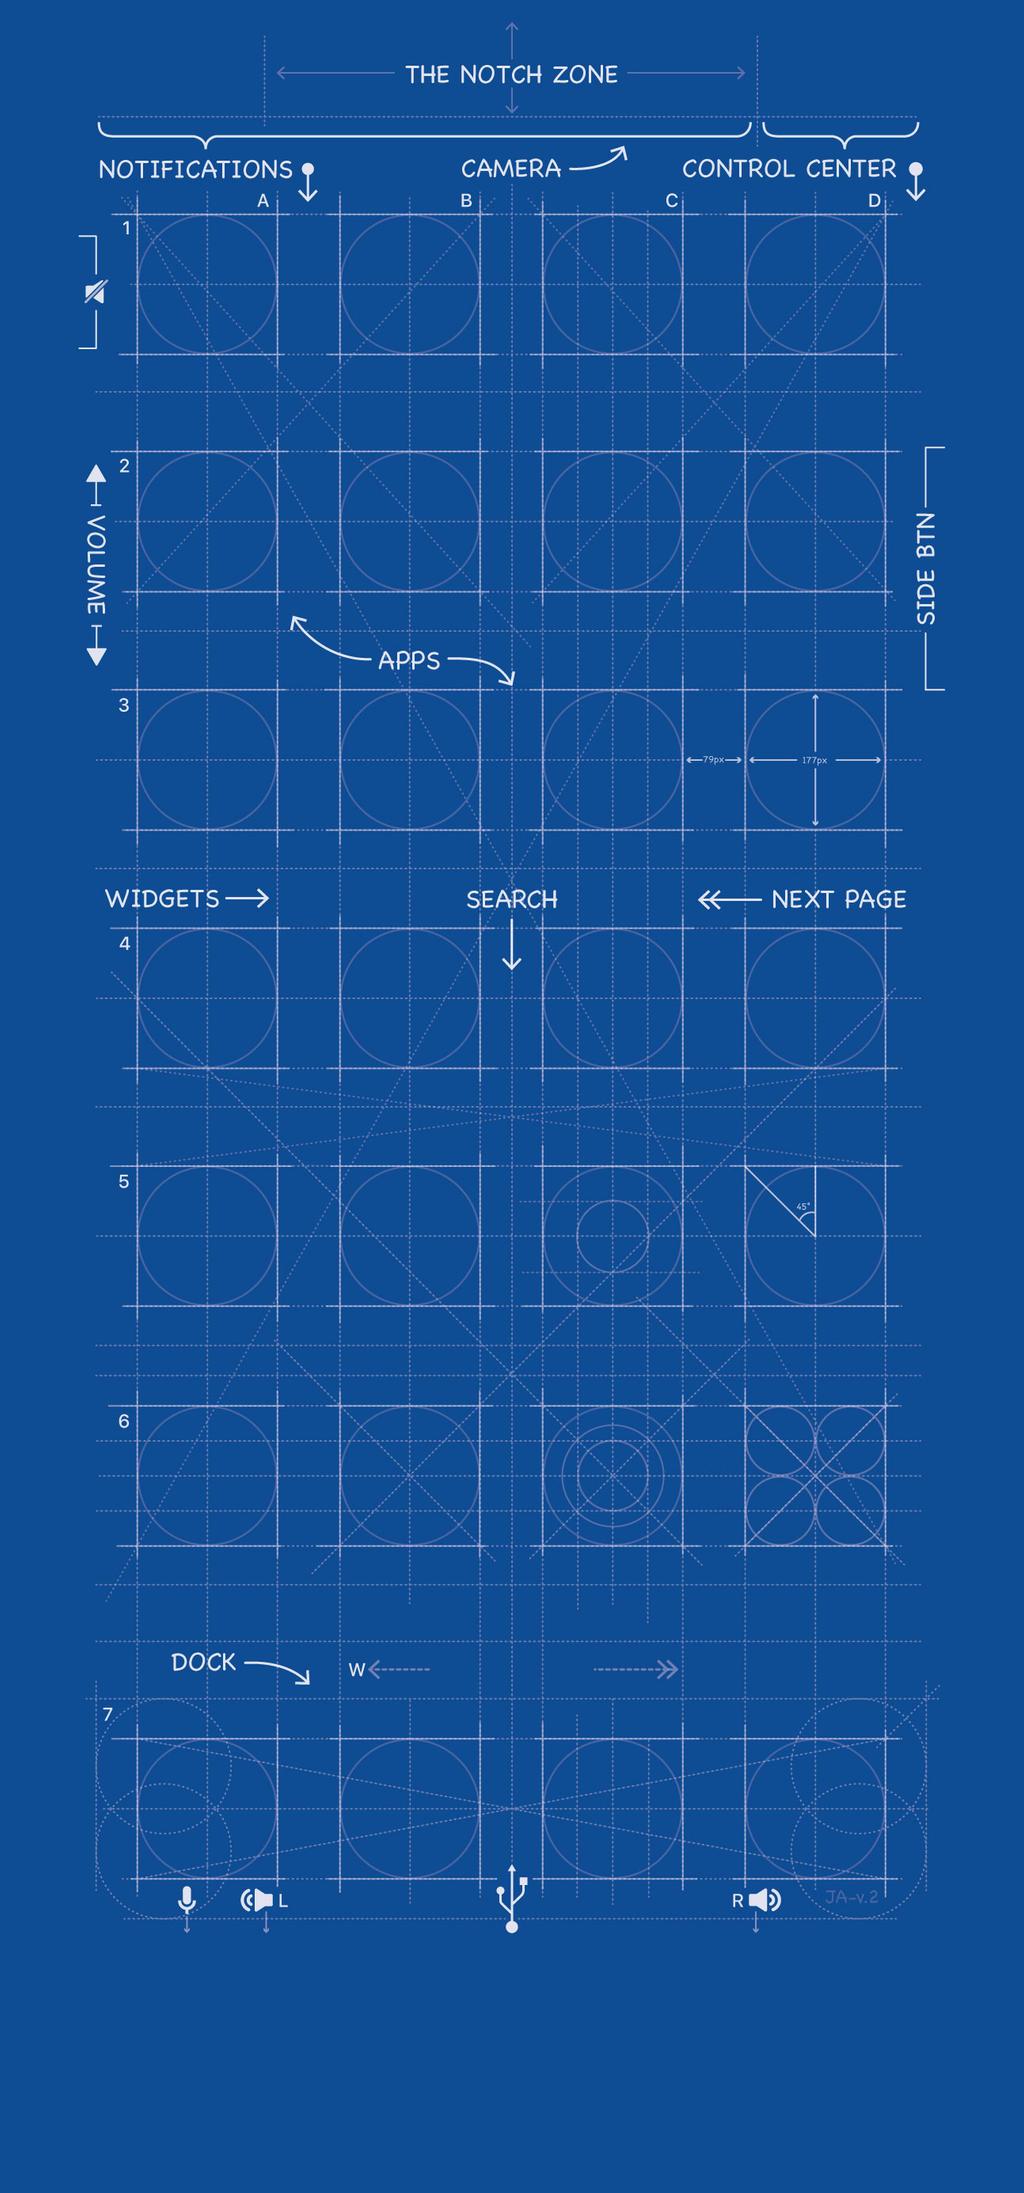 Iphone X Blueprint Wallpaper By Mrdude42 On Deviantart